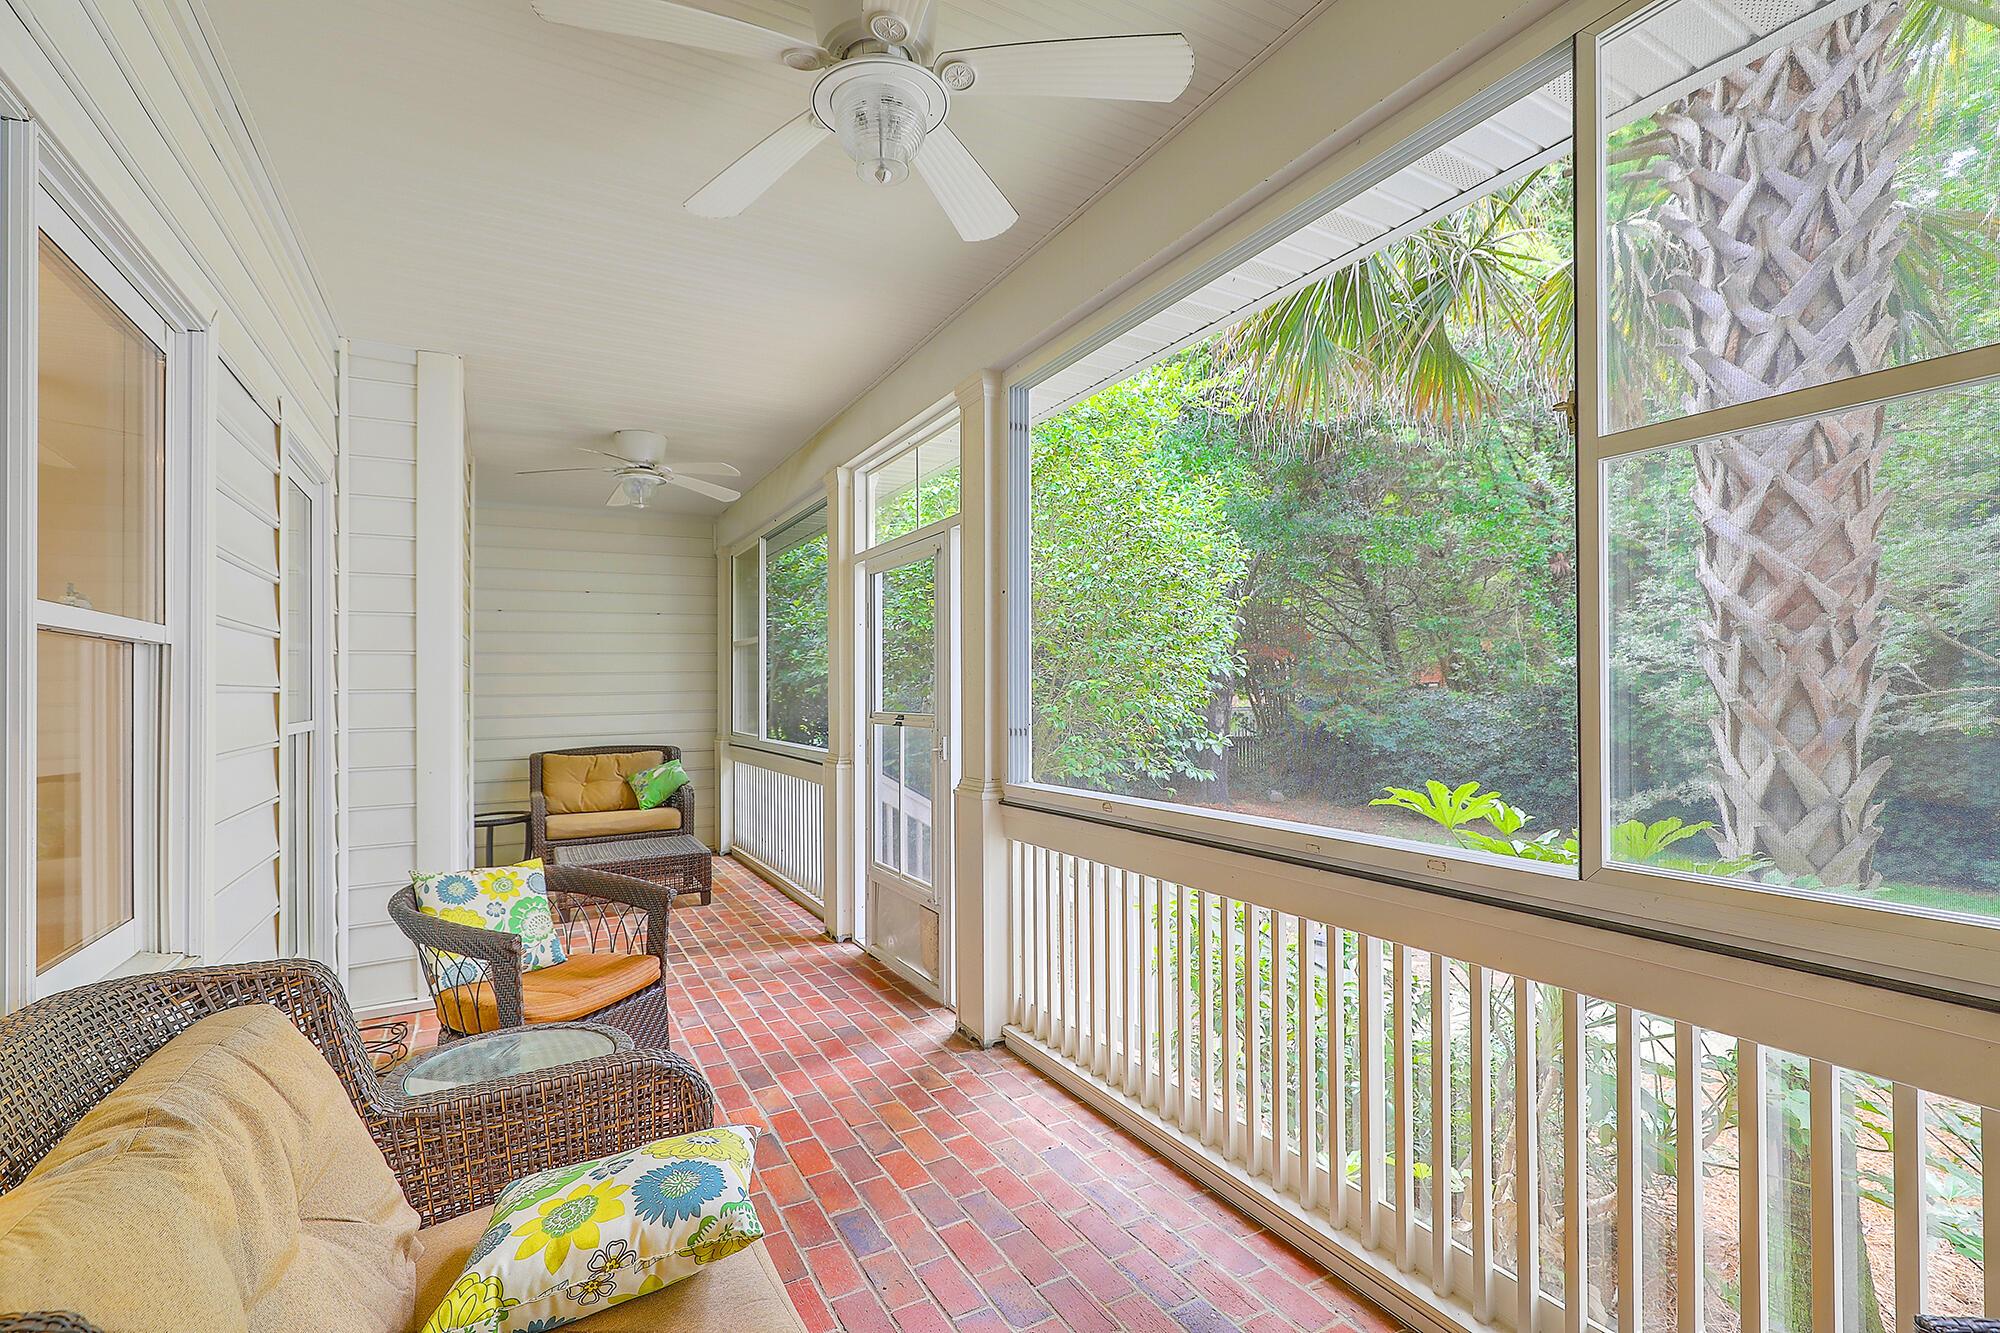 Stiles Point Plantation Homes For Sale - 816 Whispering Marsh, Charleston, SC - 5